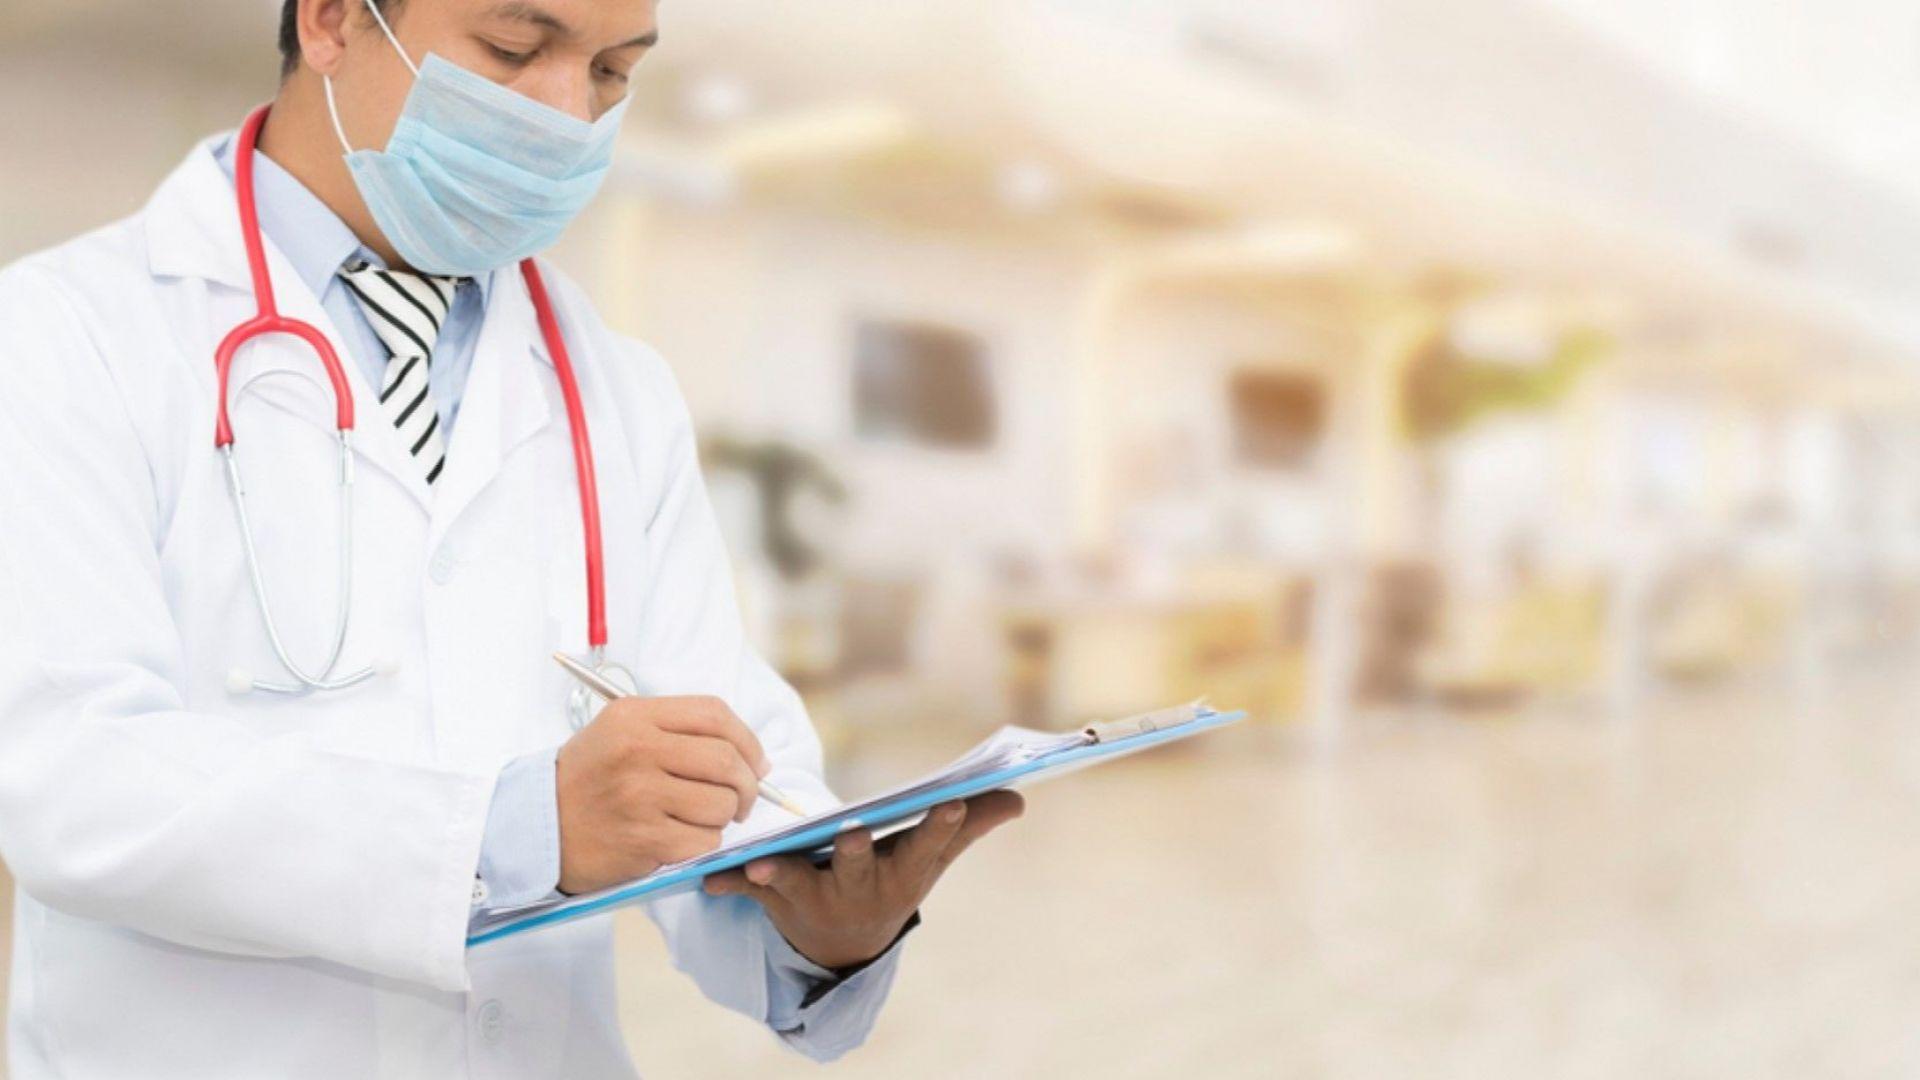 Нов метод спасява живота на хора със сърдечни проблеми